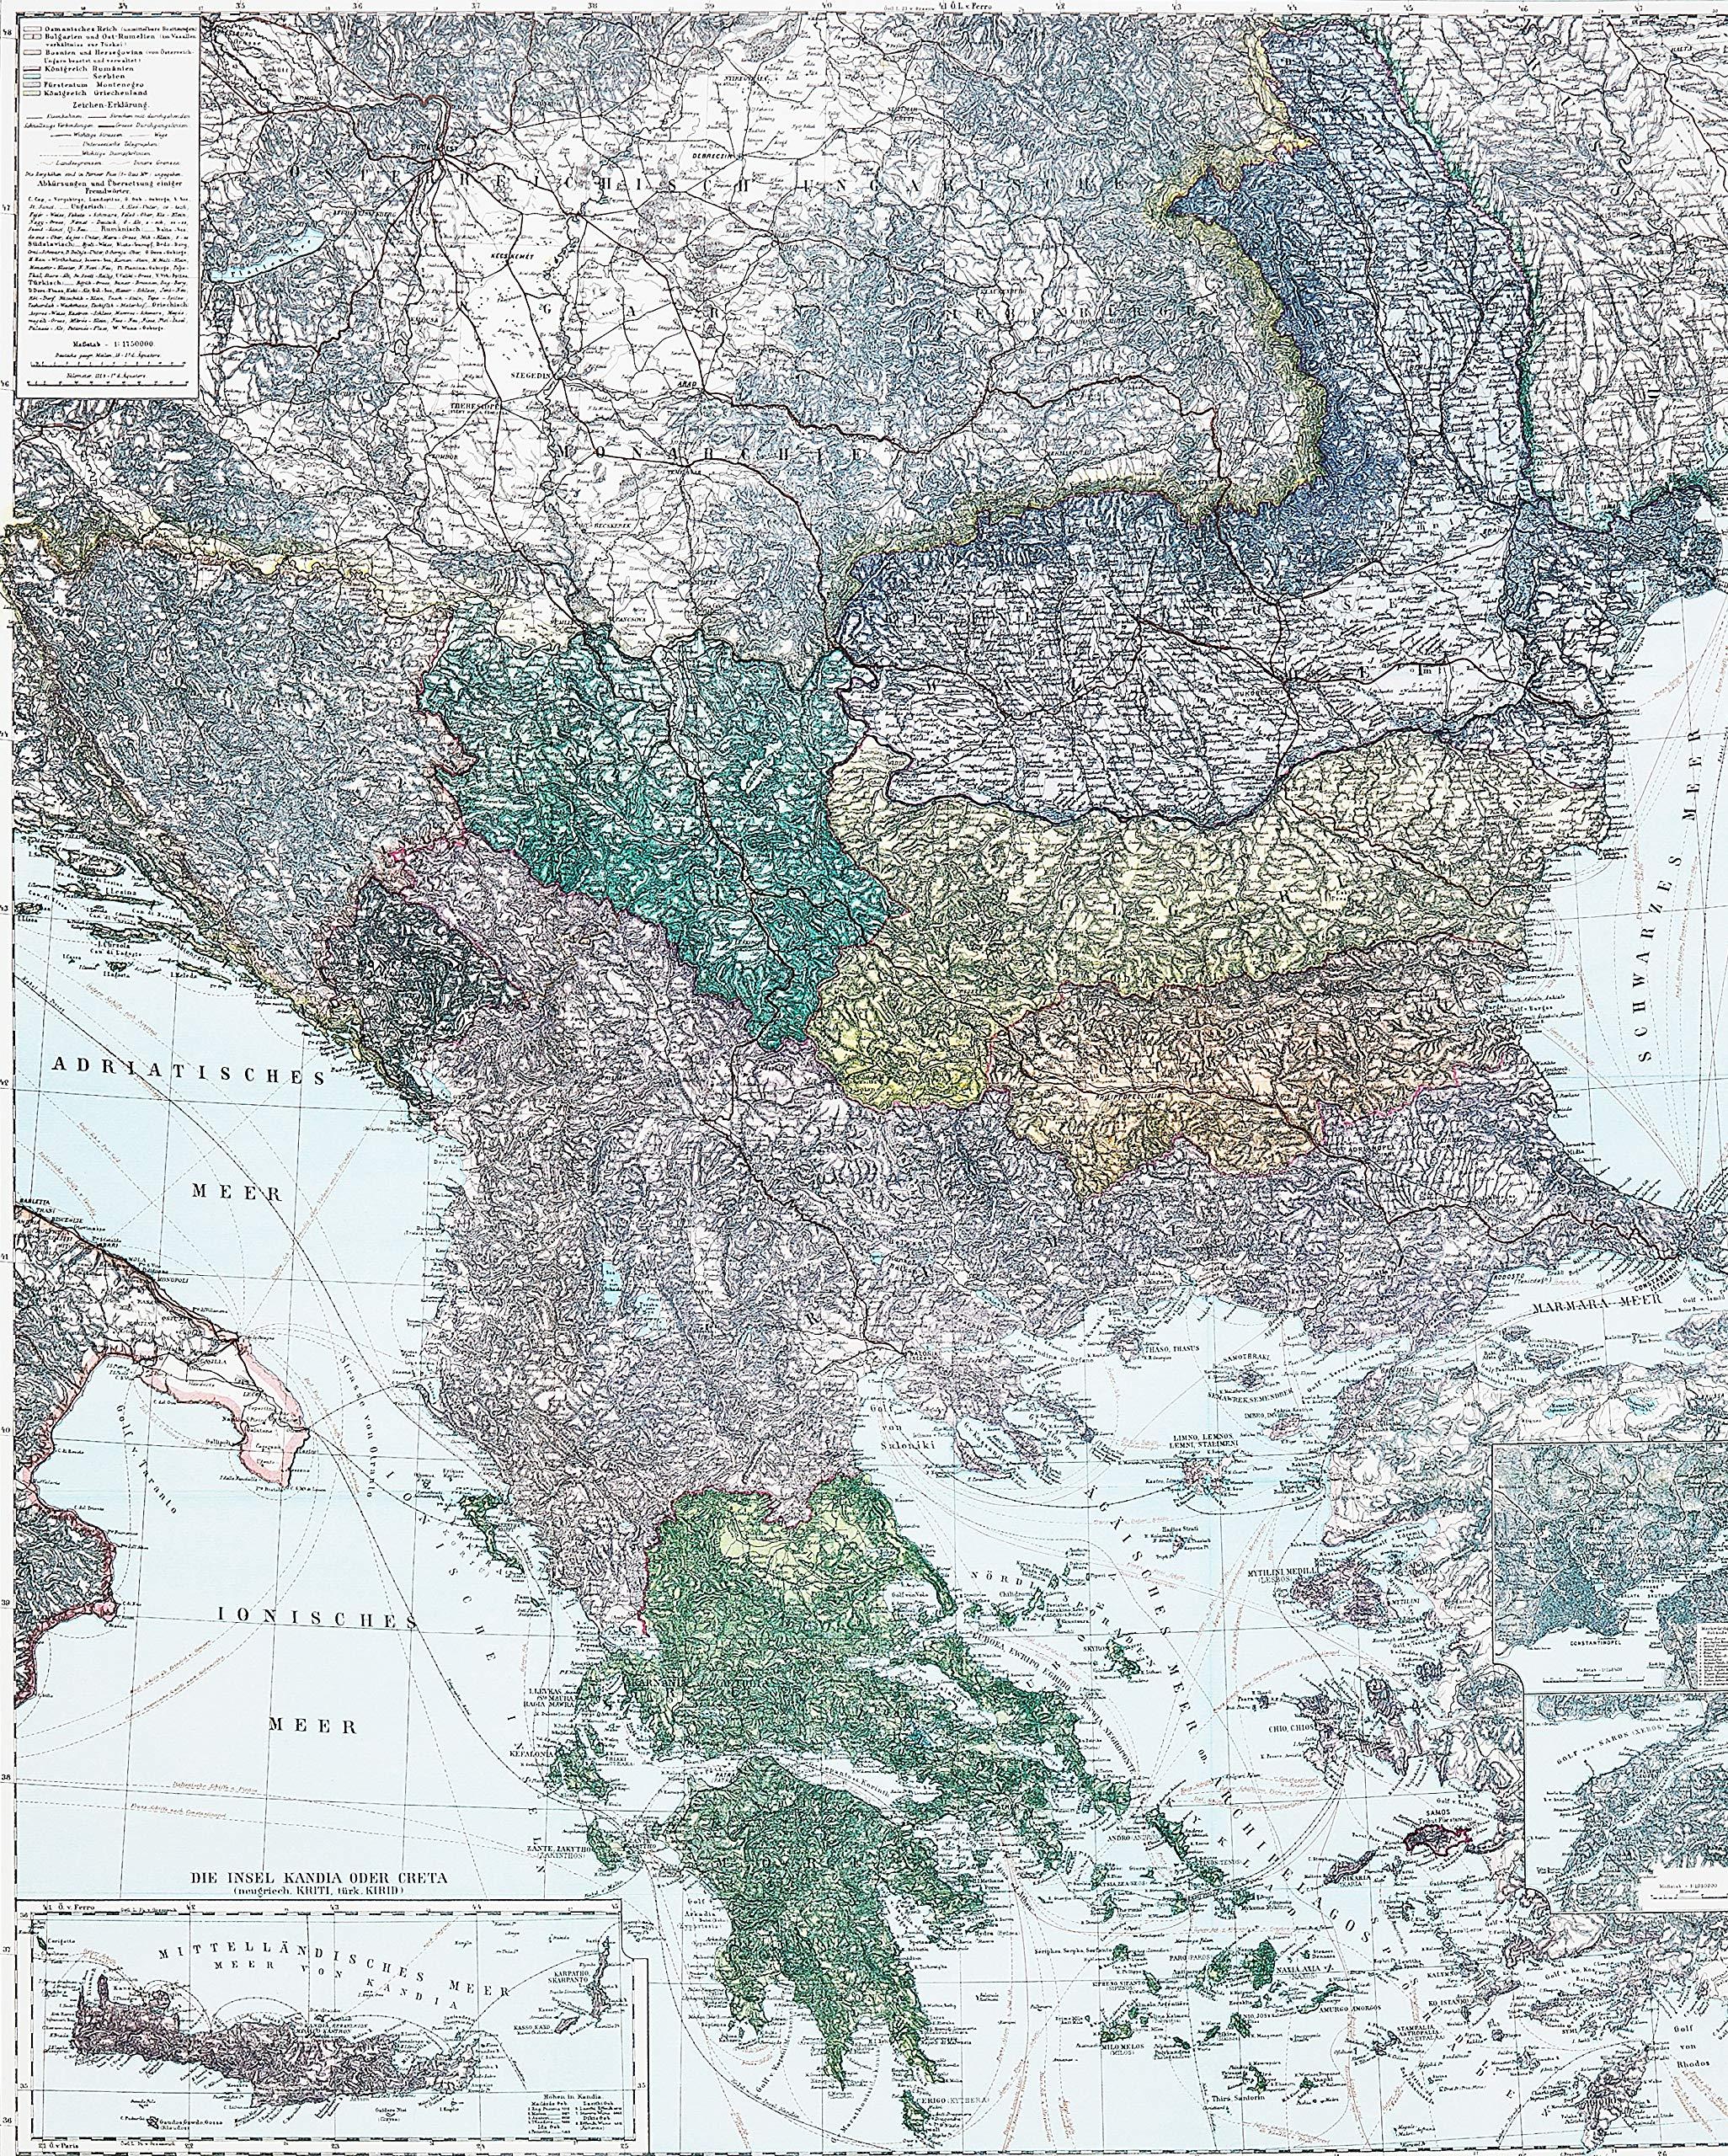 Historische Karte Die Balkan Halbinsel Um 1910 Gerollt Carl